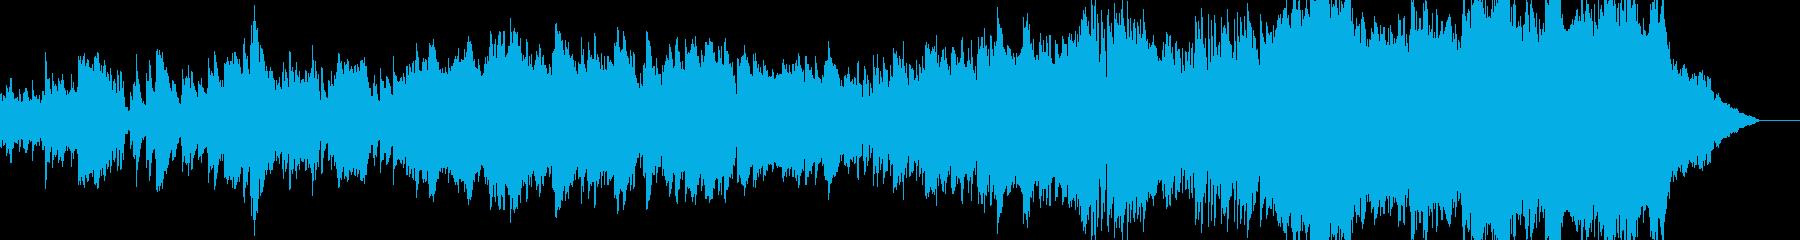 ピアノと弦楽器のオーケストレーショ...の再生済みの波形